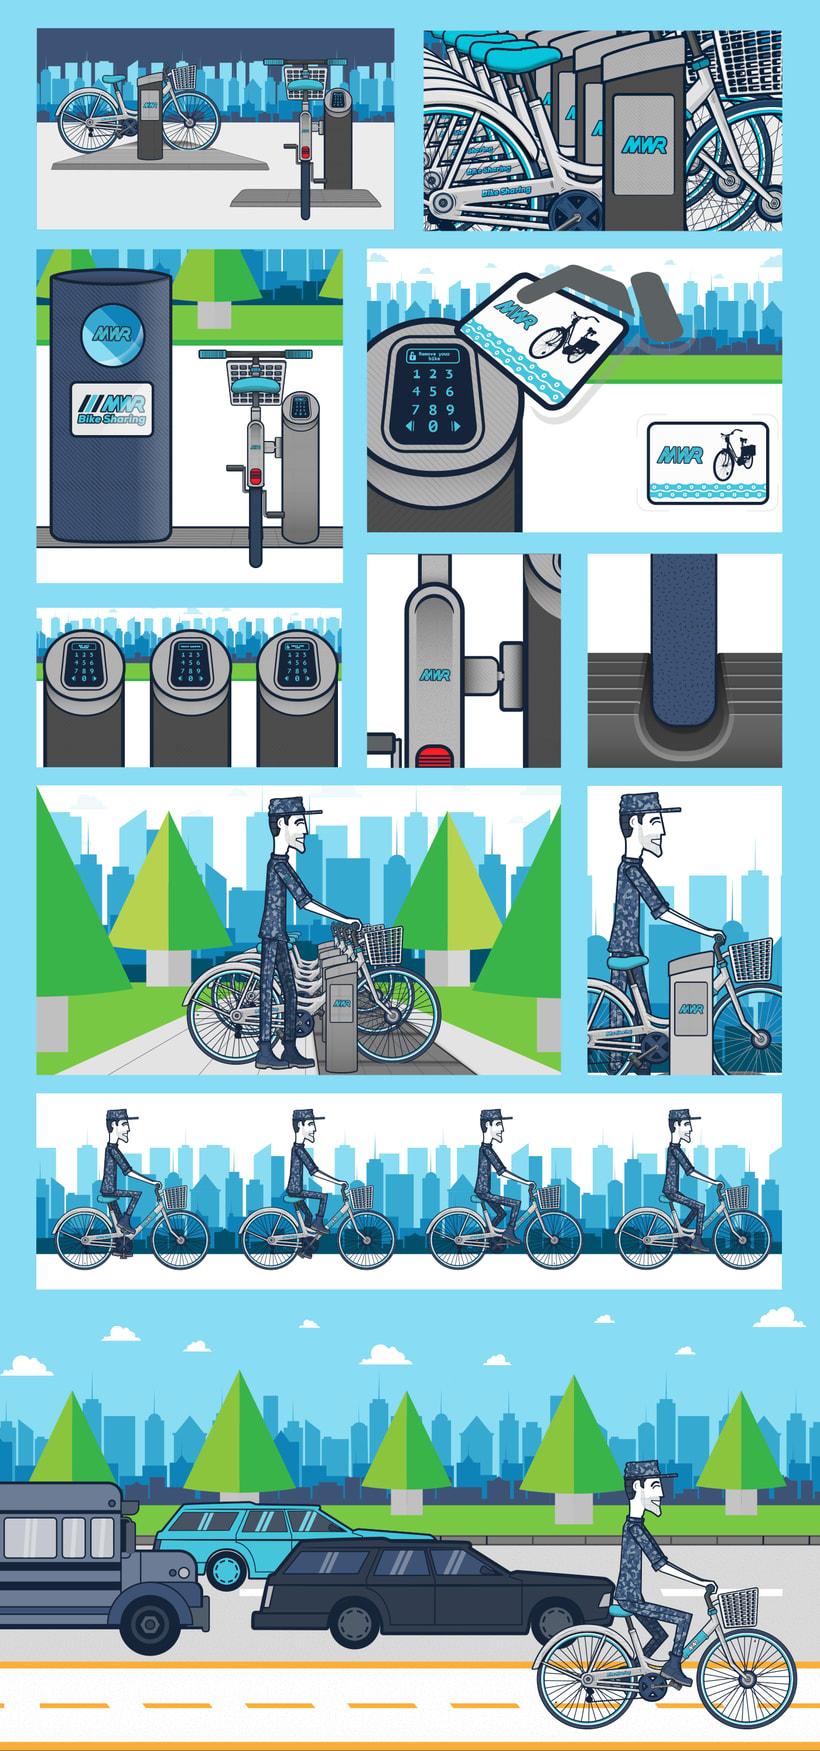 Bikesharing Spain (Navsta Rota) 2